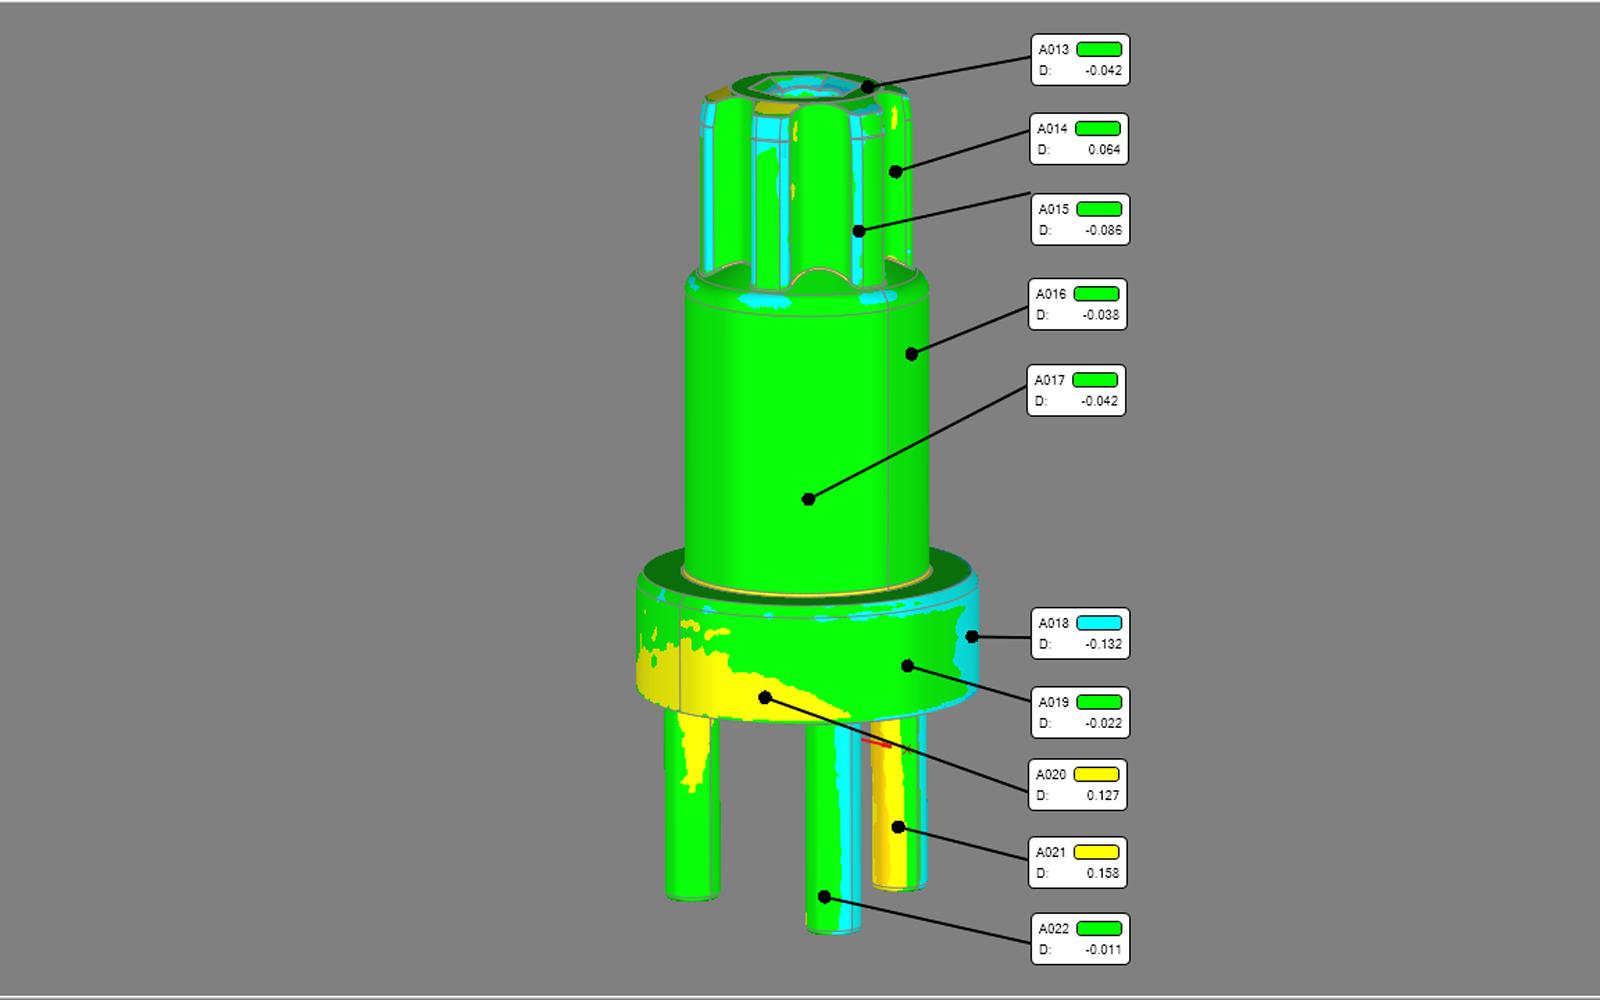 Conap 3D Reverse Engineering - Welle auf dem Messtisch